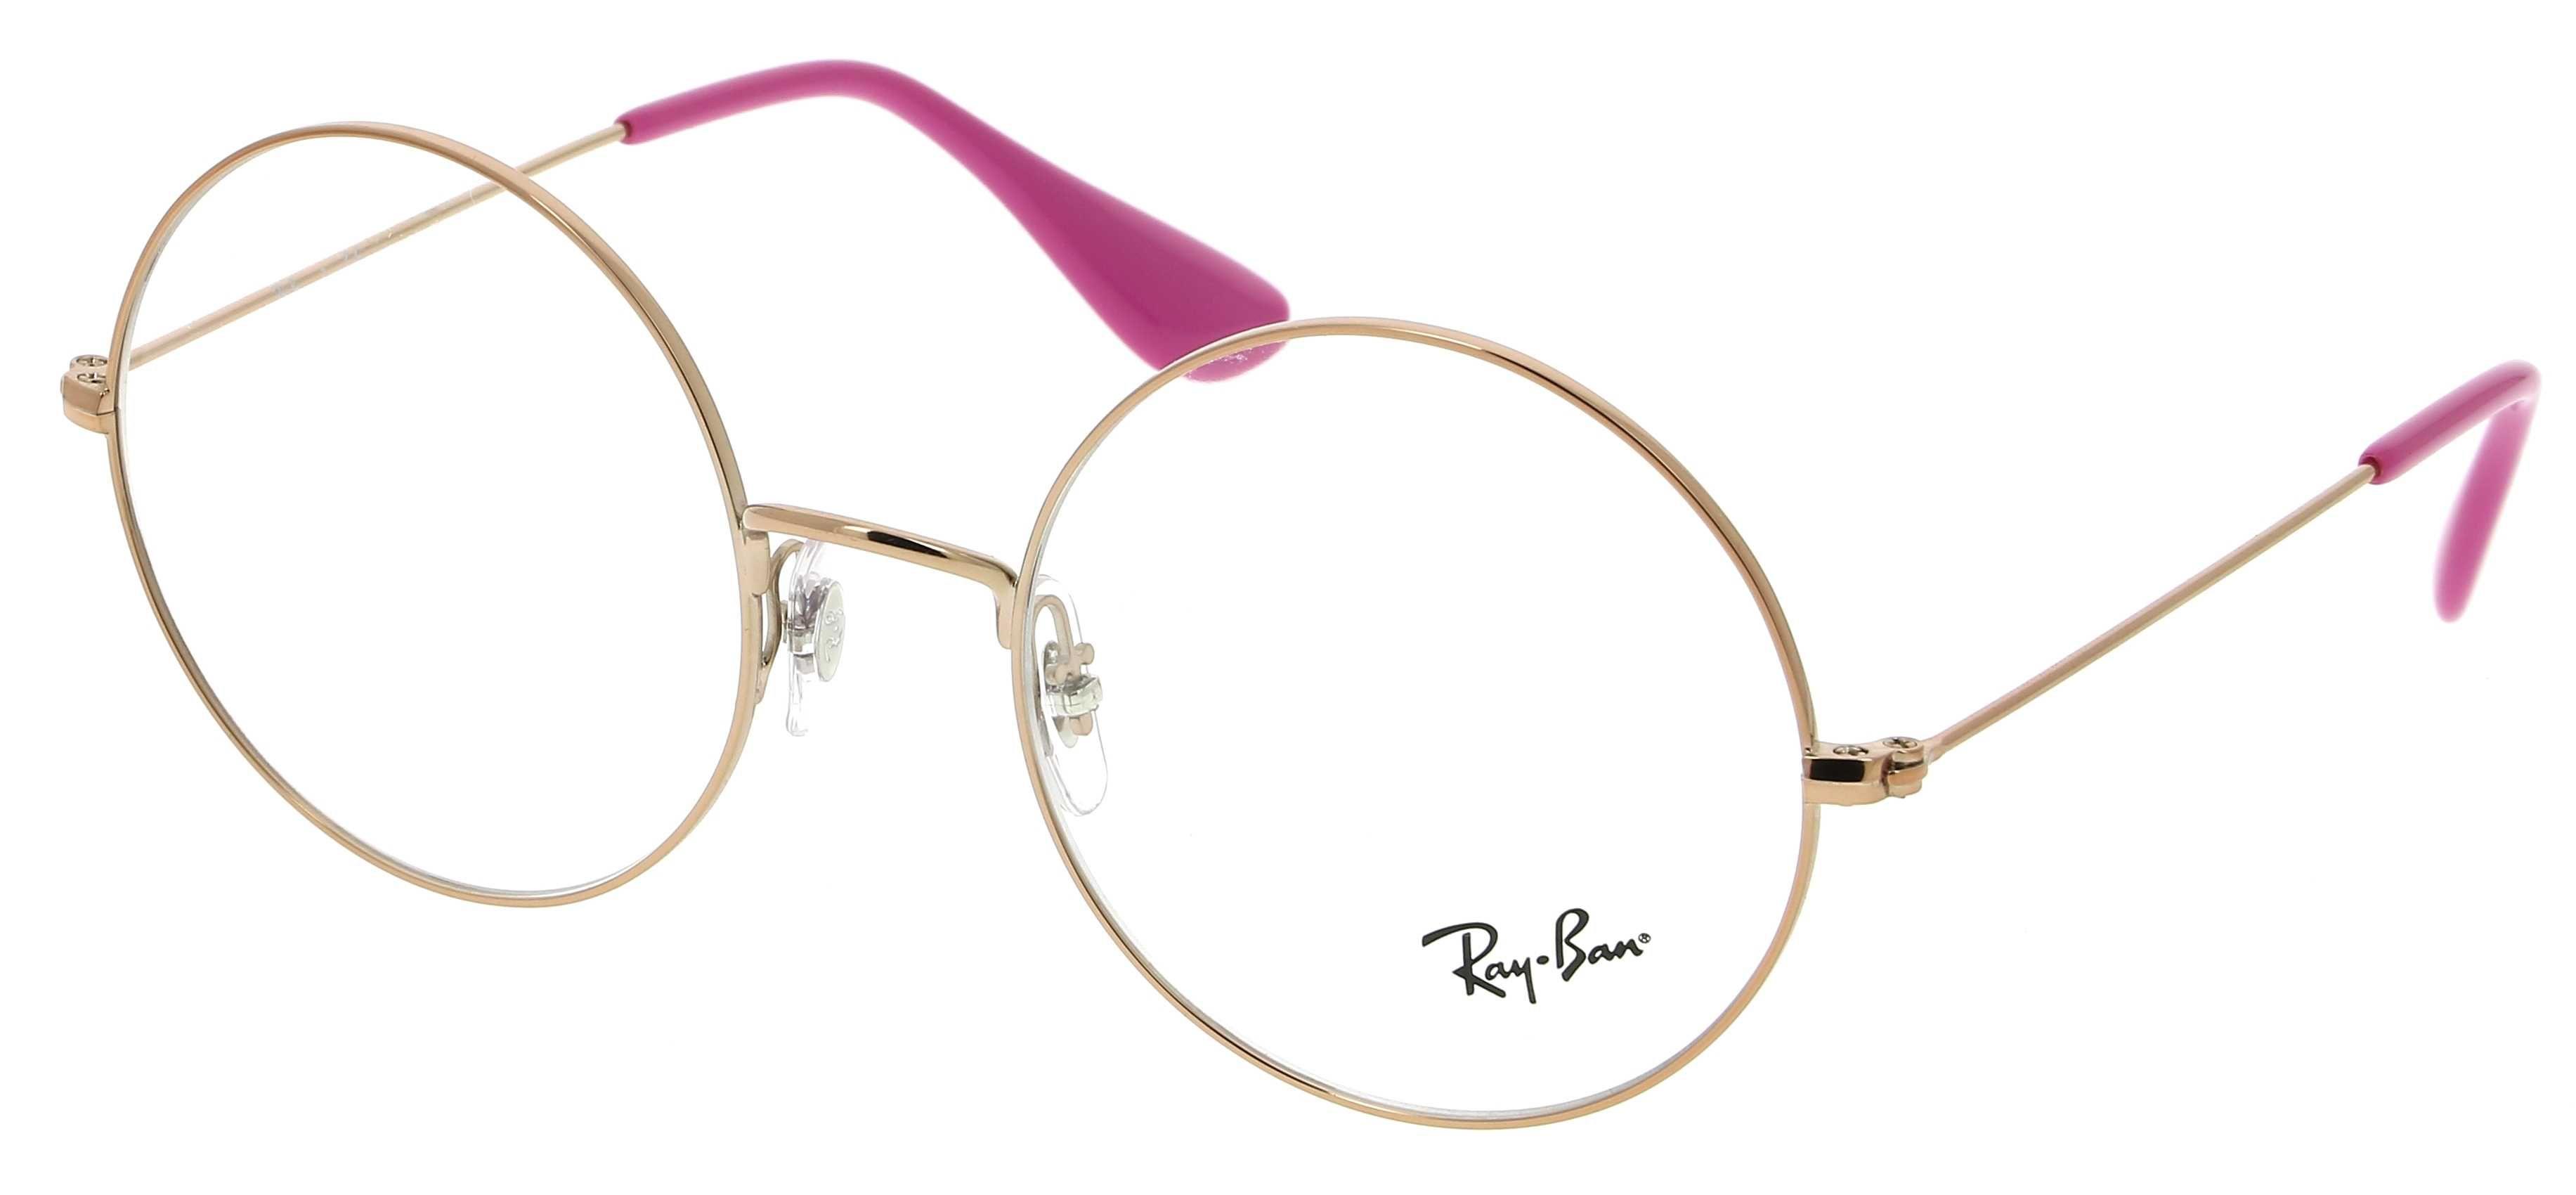 lunette de vue ray ban femme rose